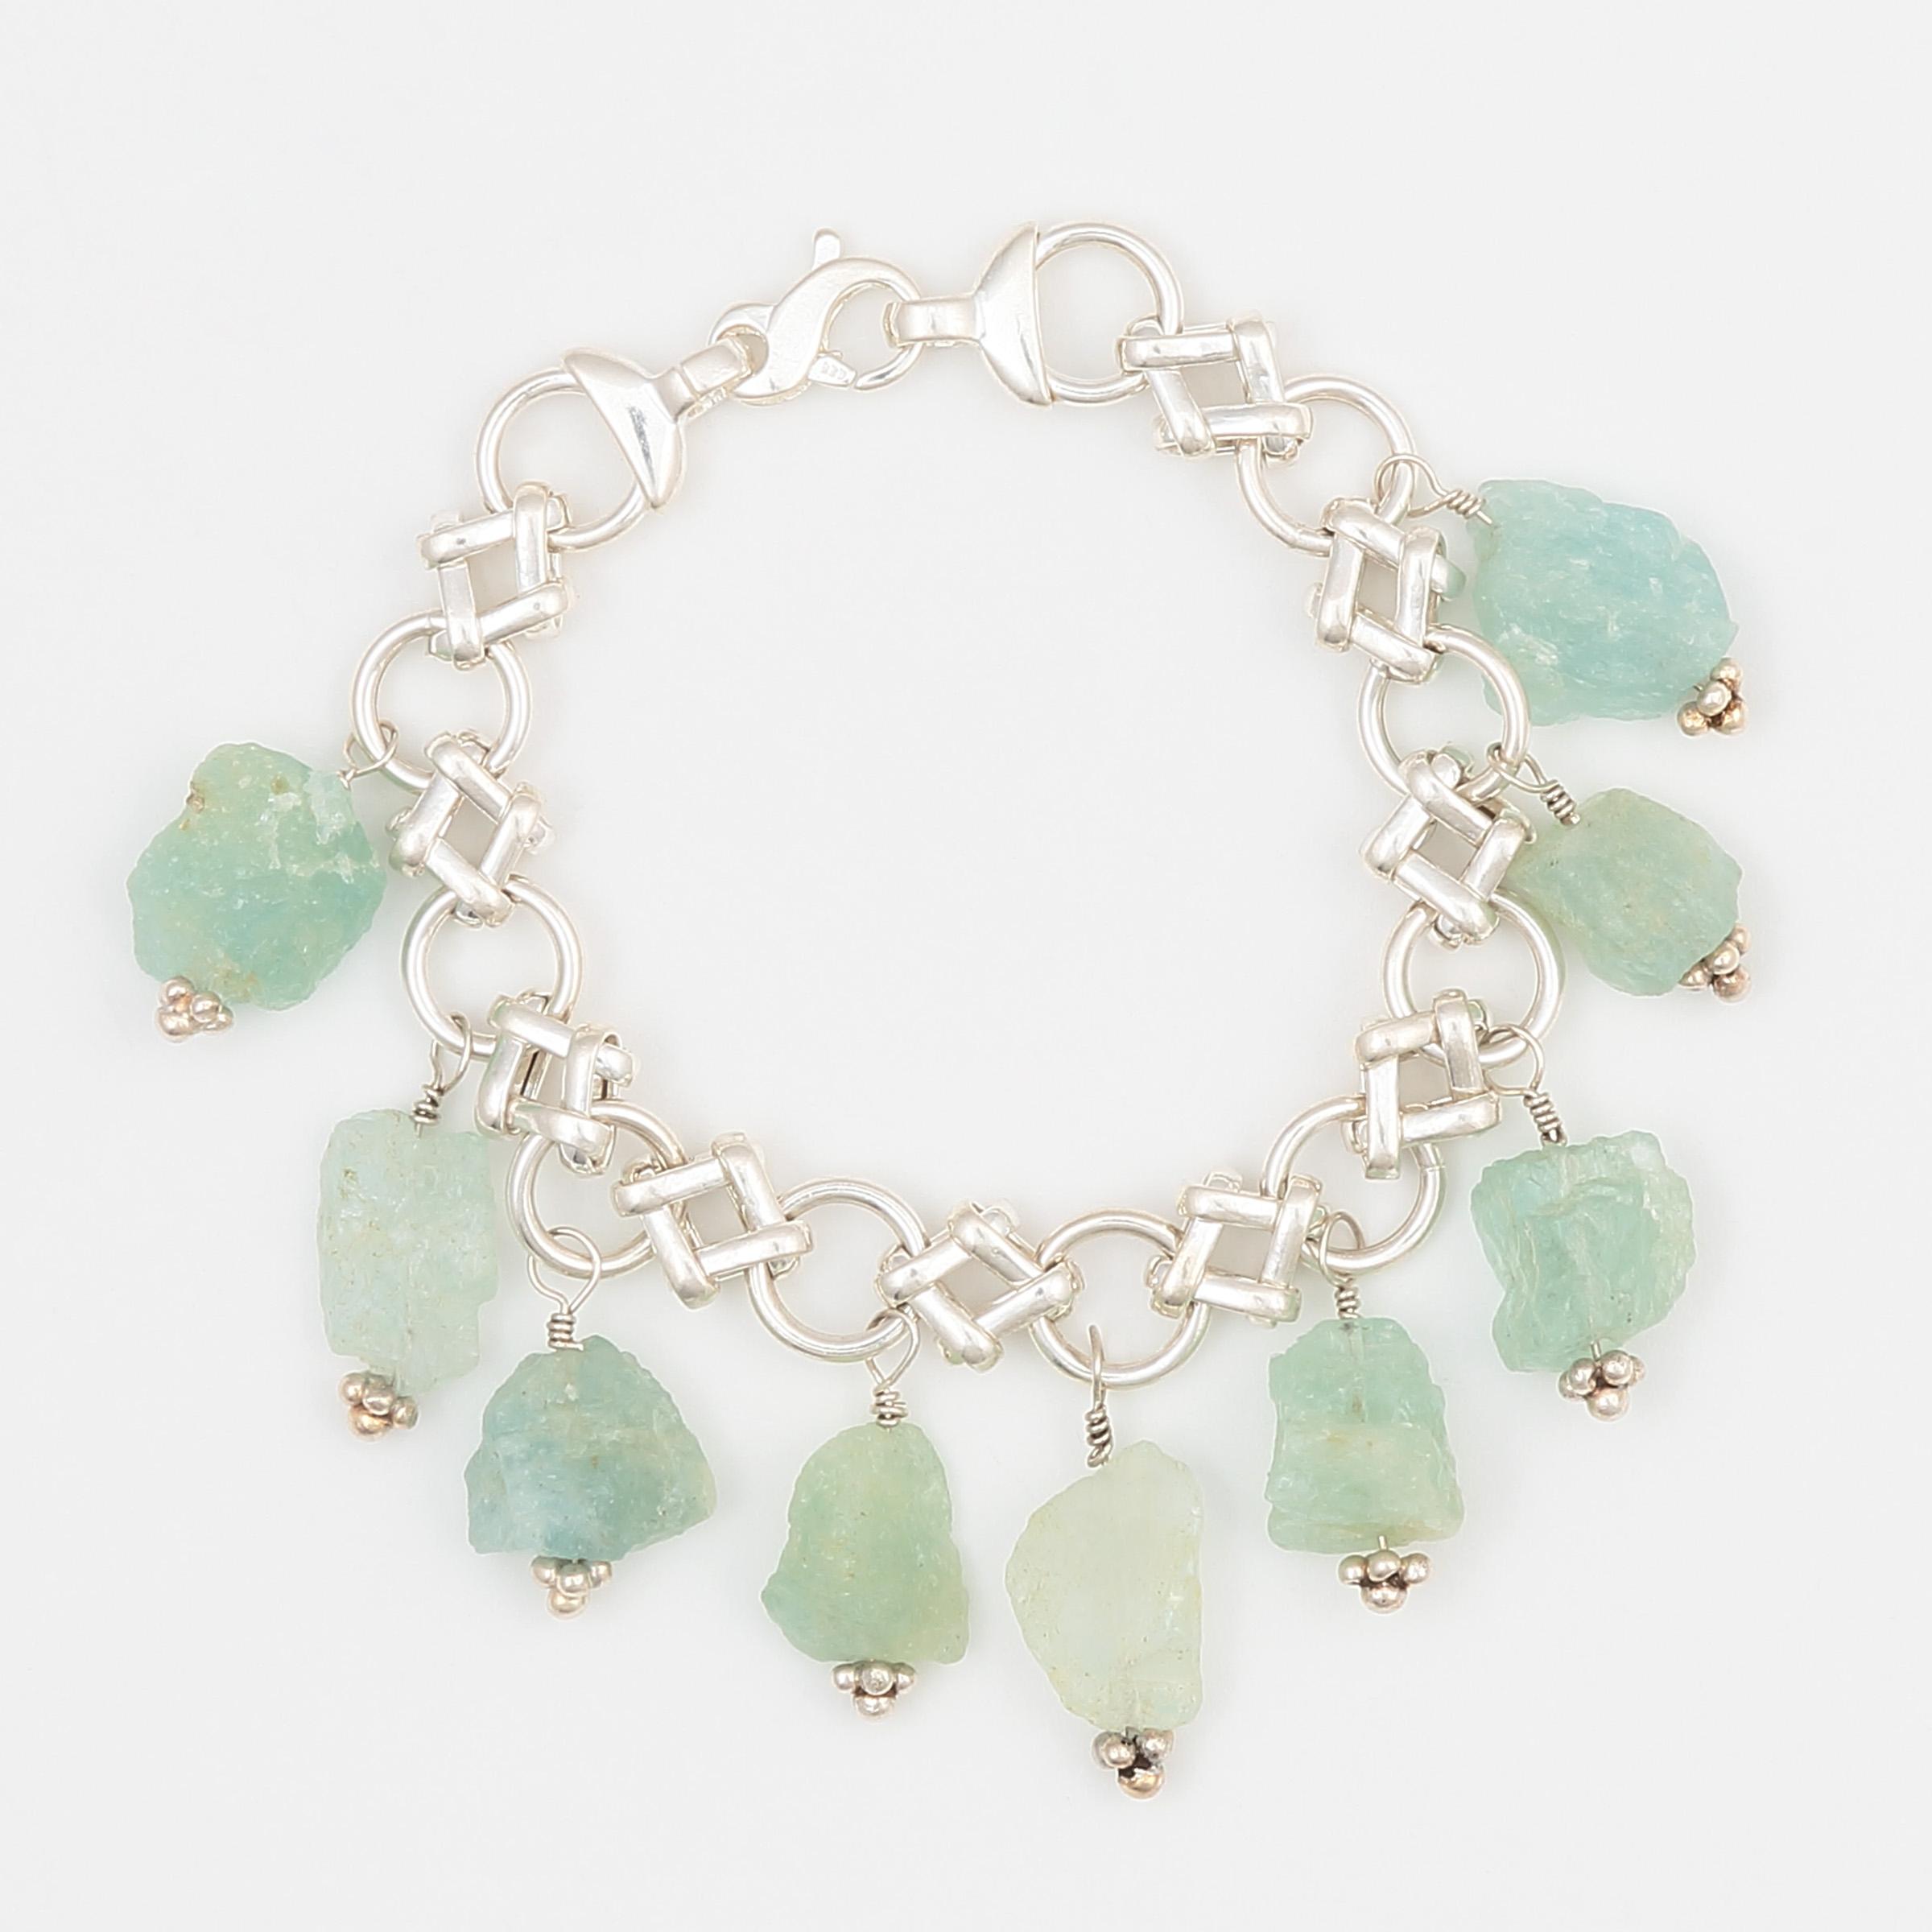 Om Bracelet – Gemstones and Sterling Silver